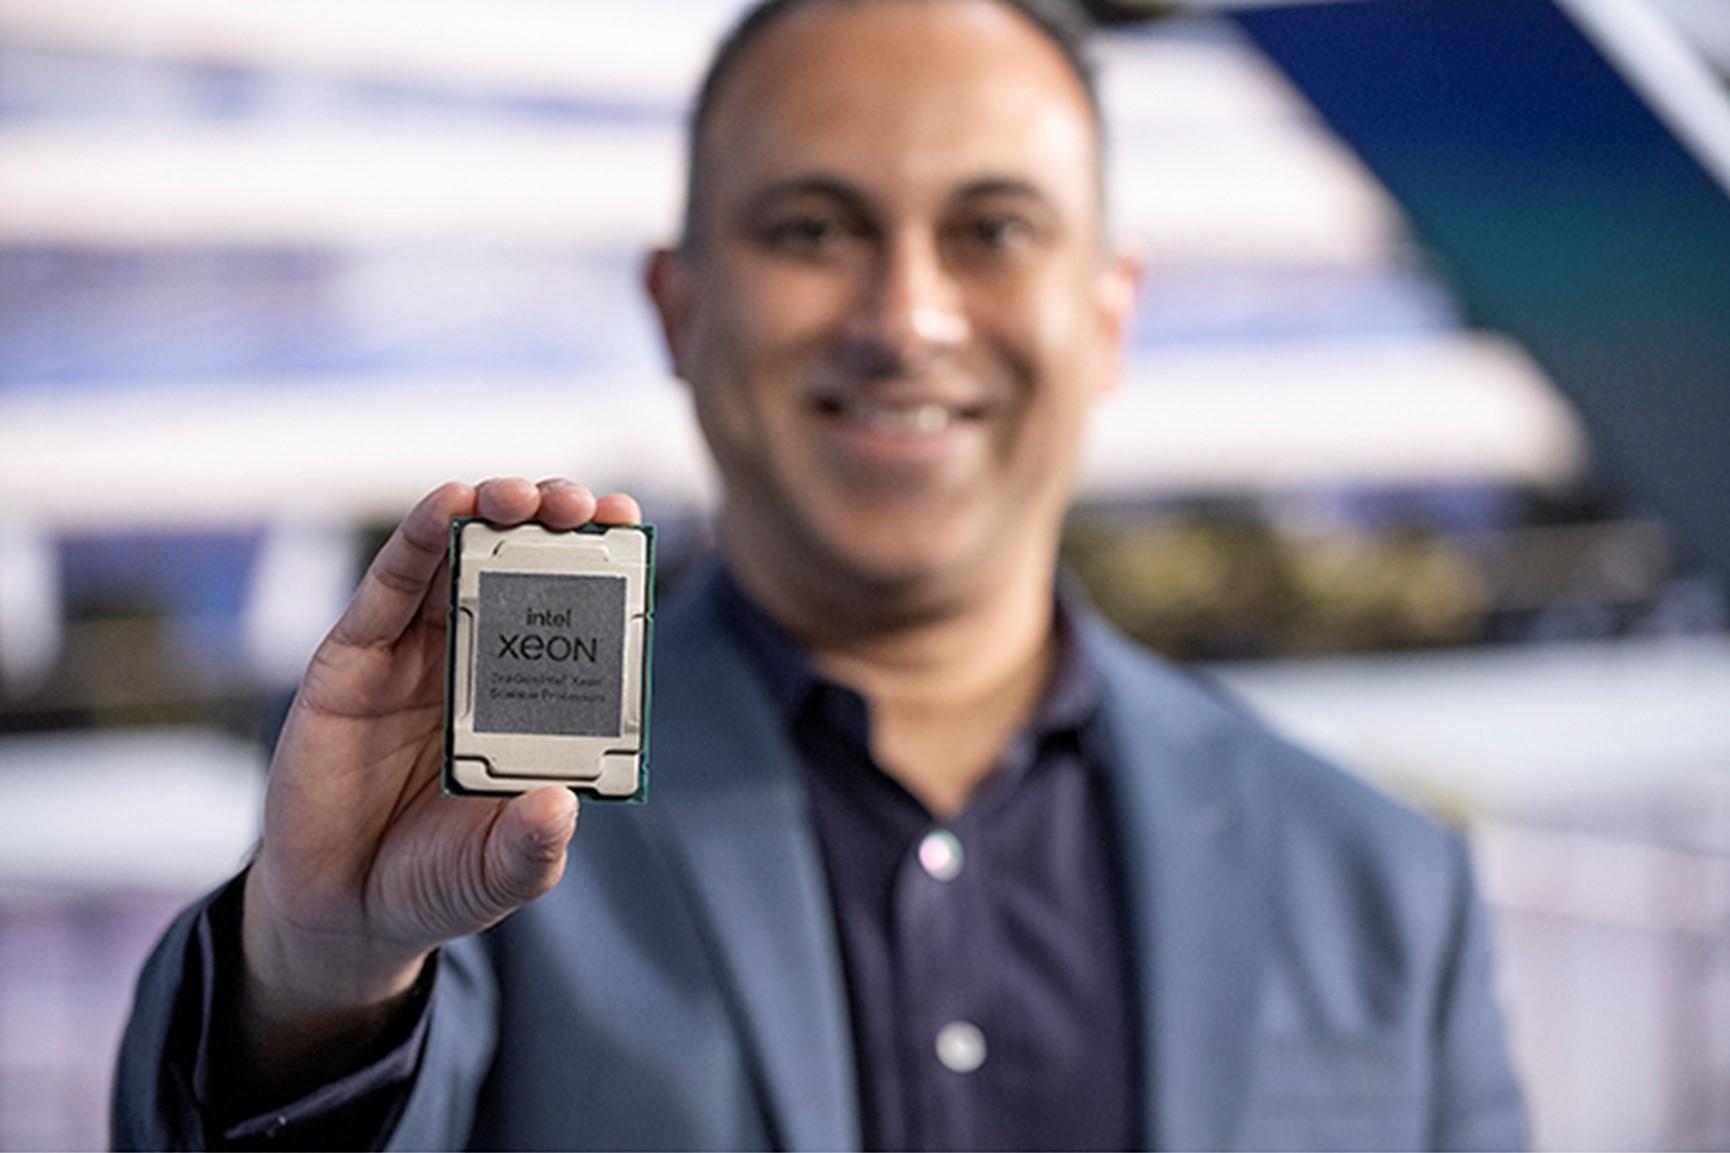 英特尔发布第三代可扩展处理器:性能平均提升至46%